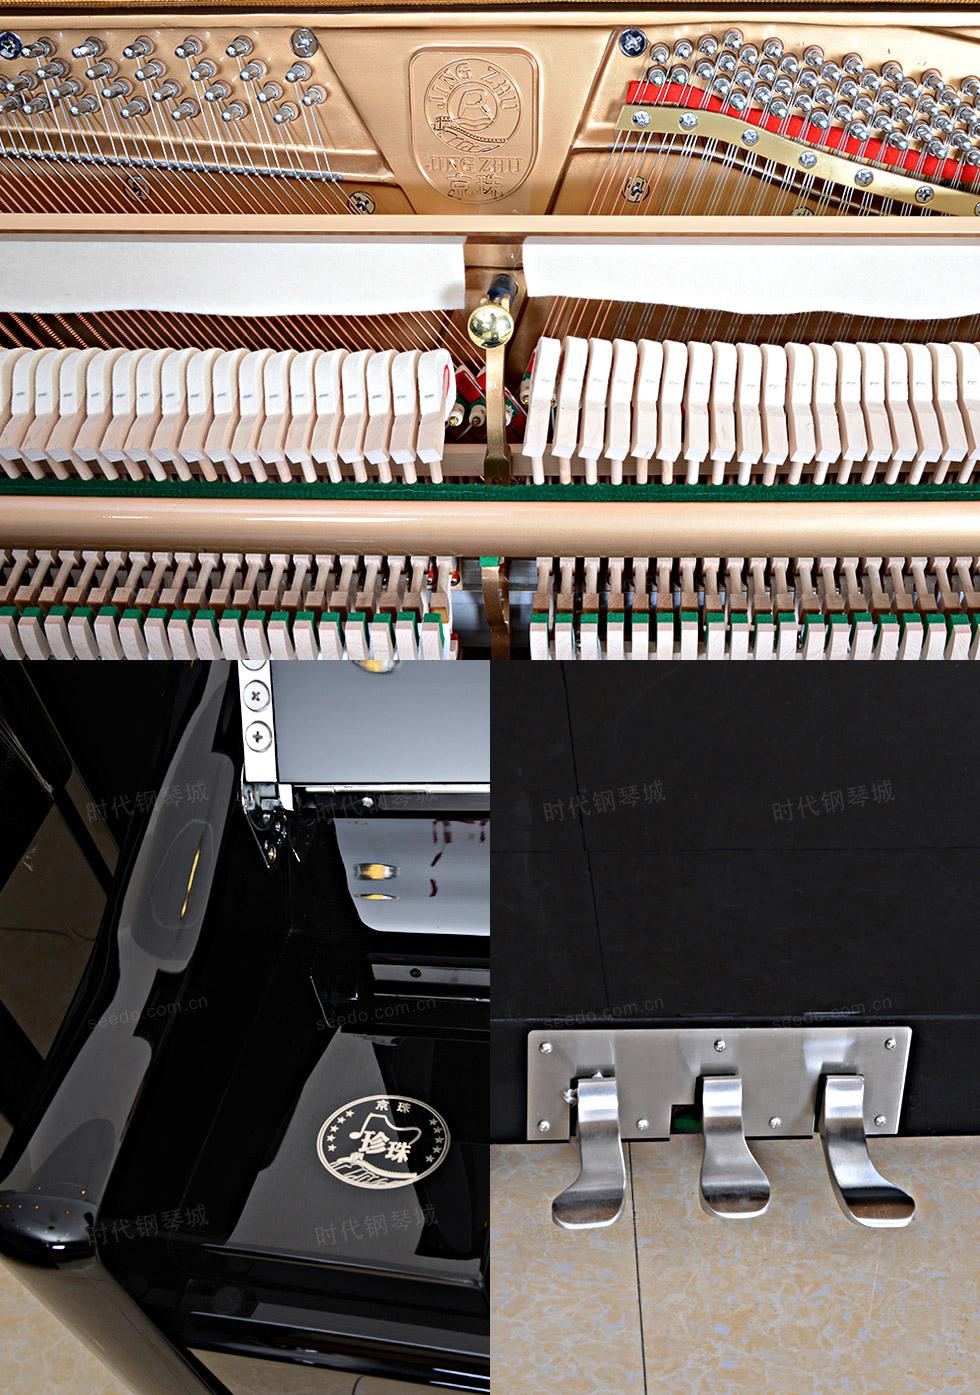 京珠-BUP126B的工艺细节